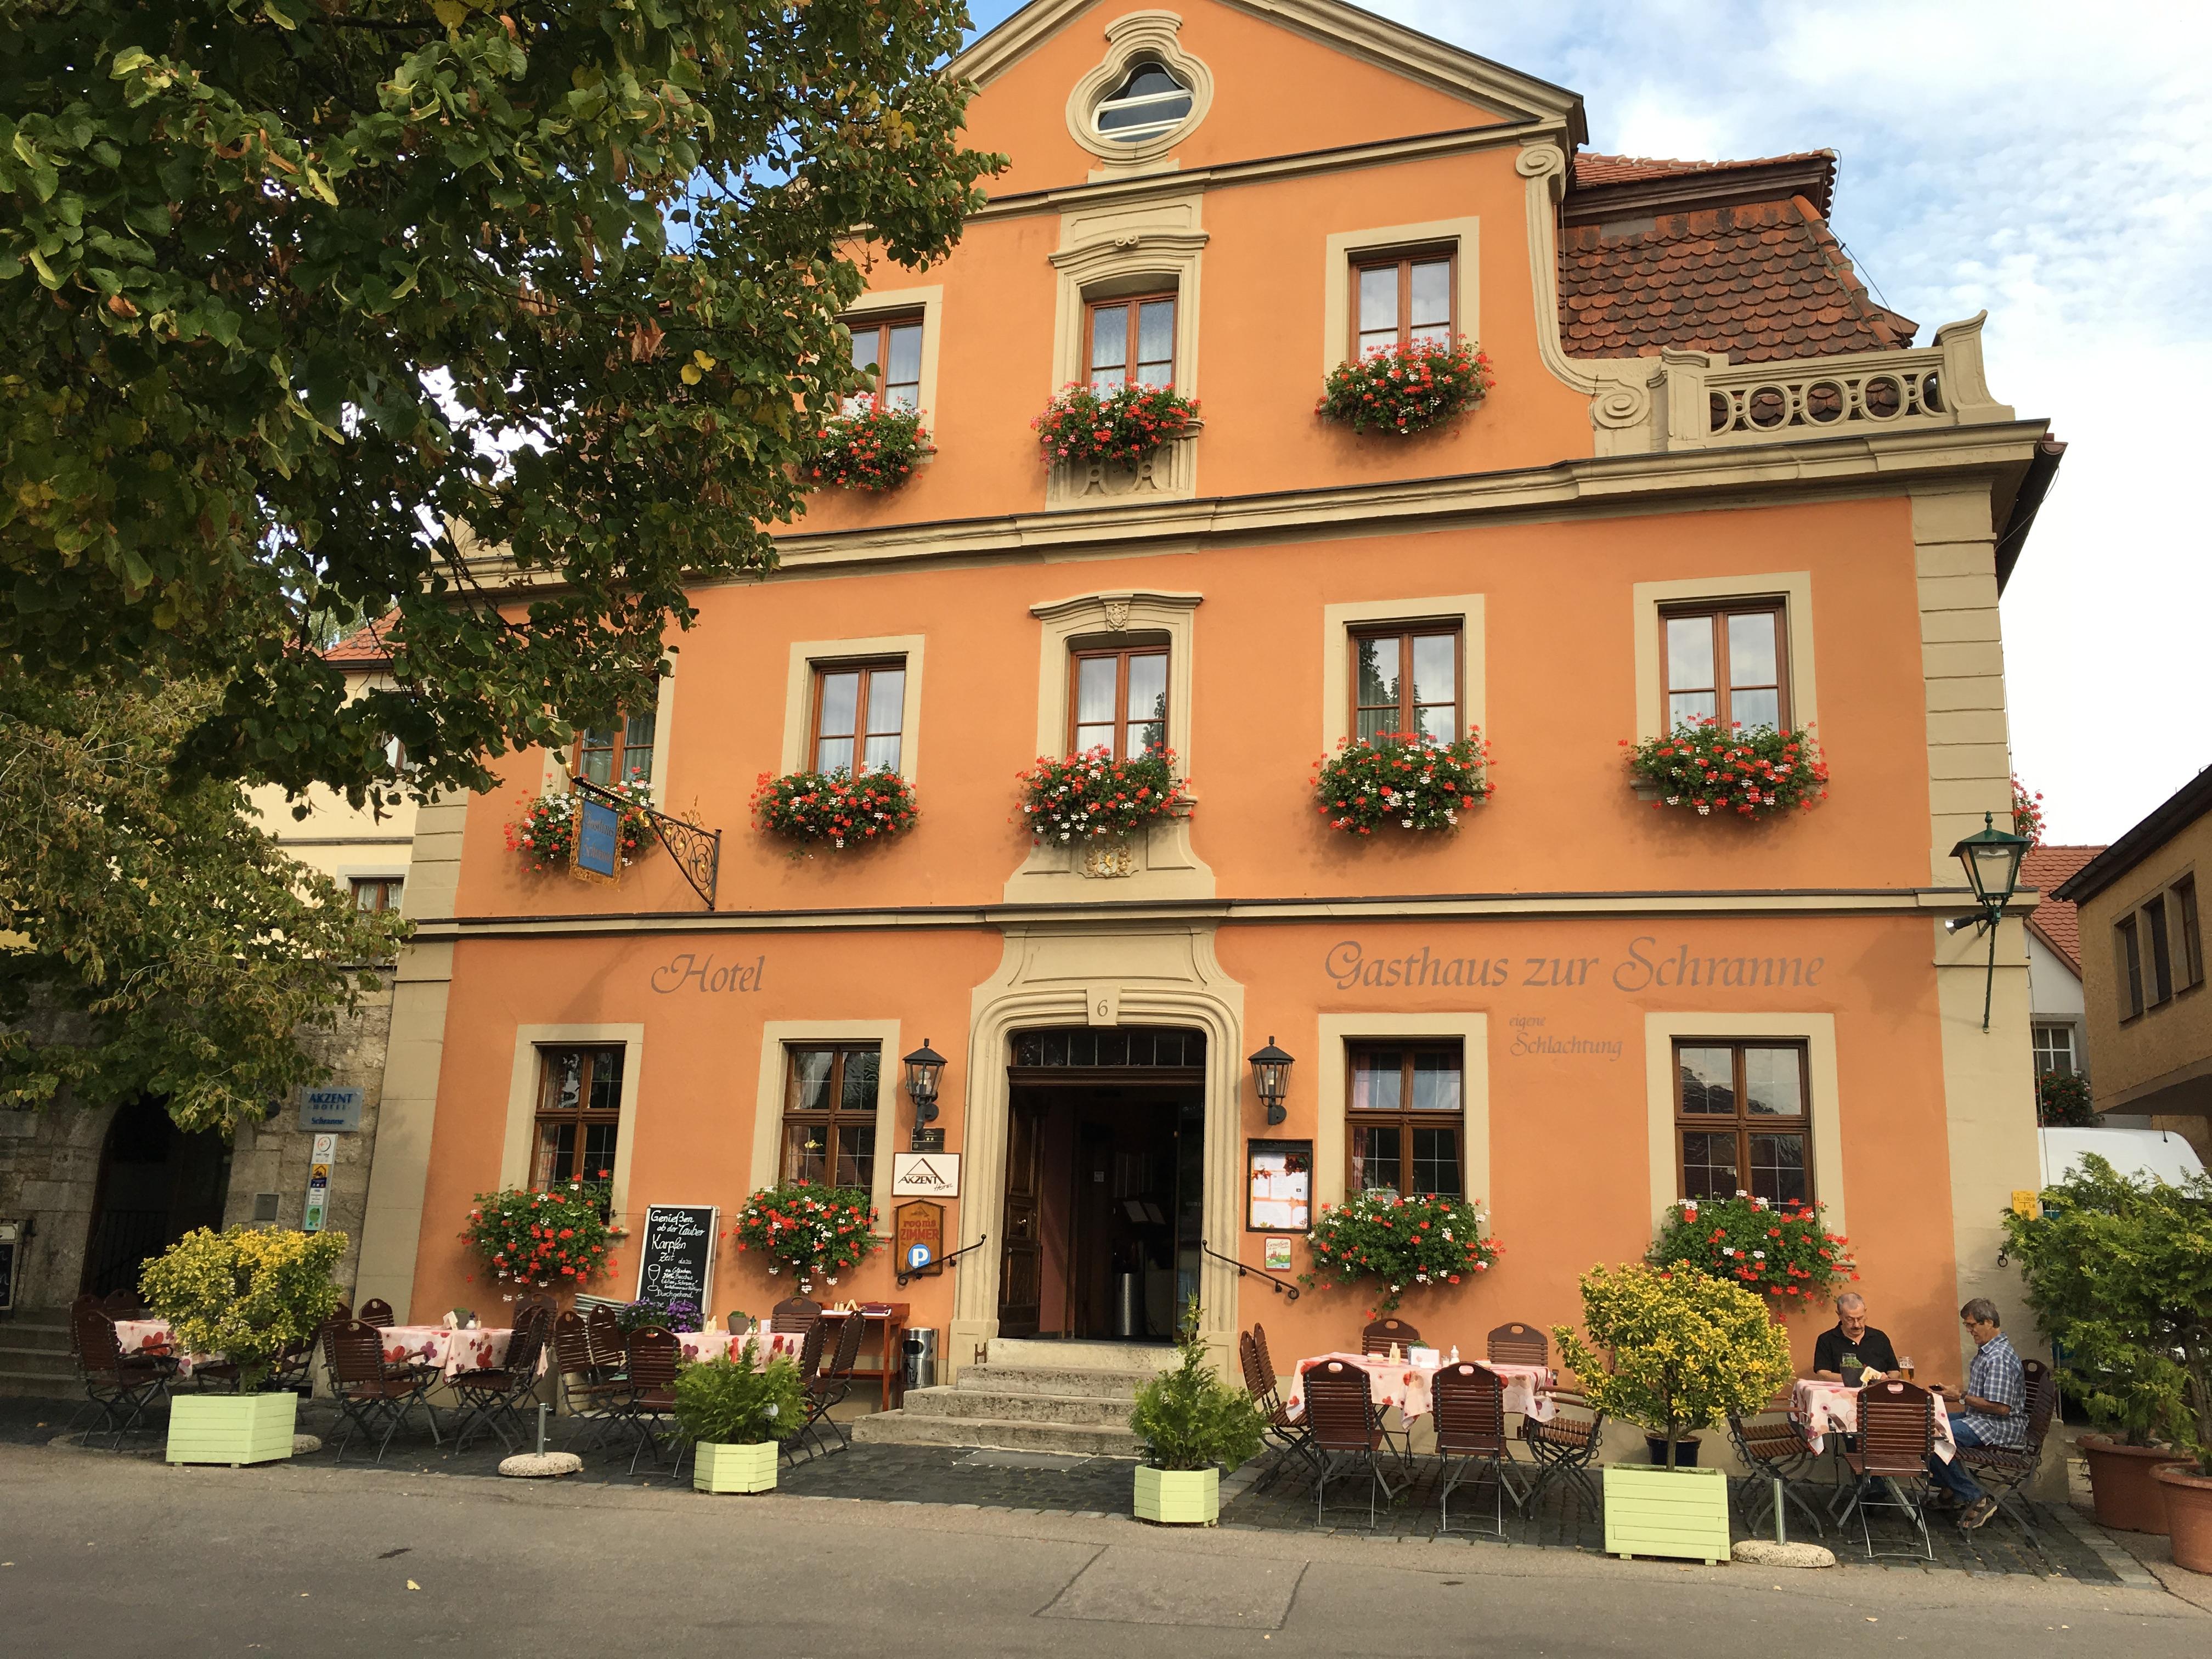 Schranne, Ansbach